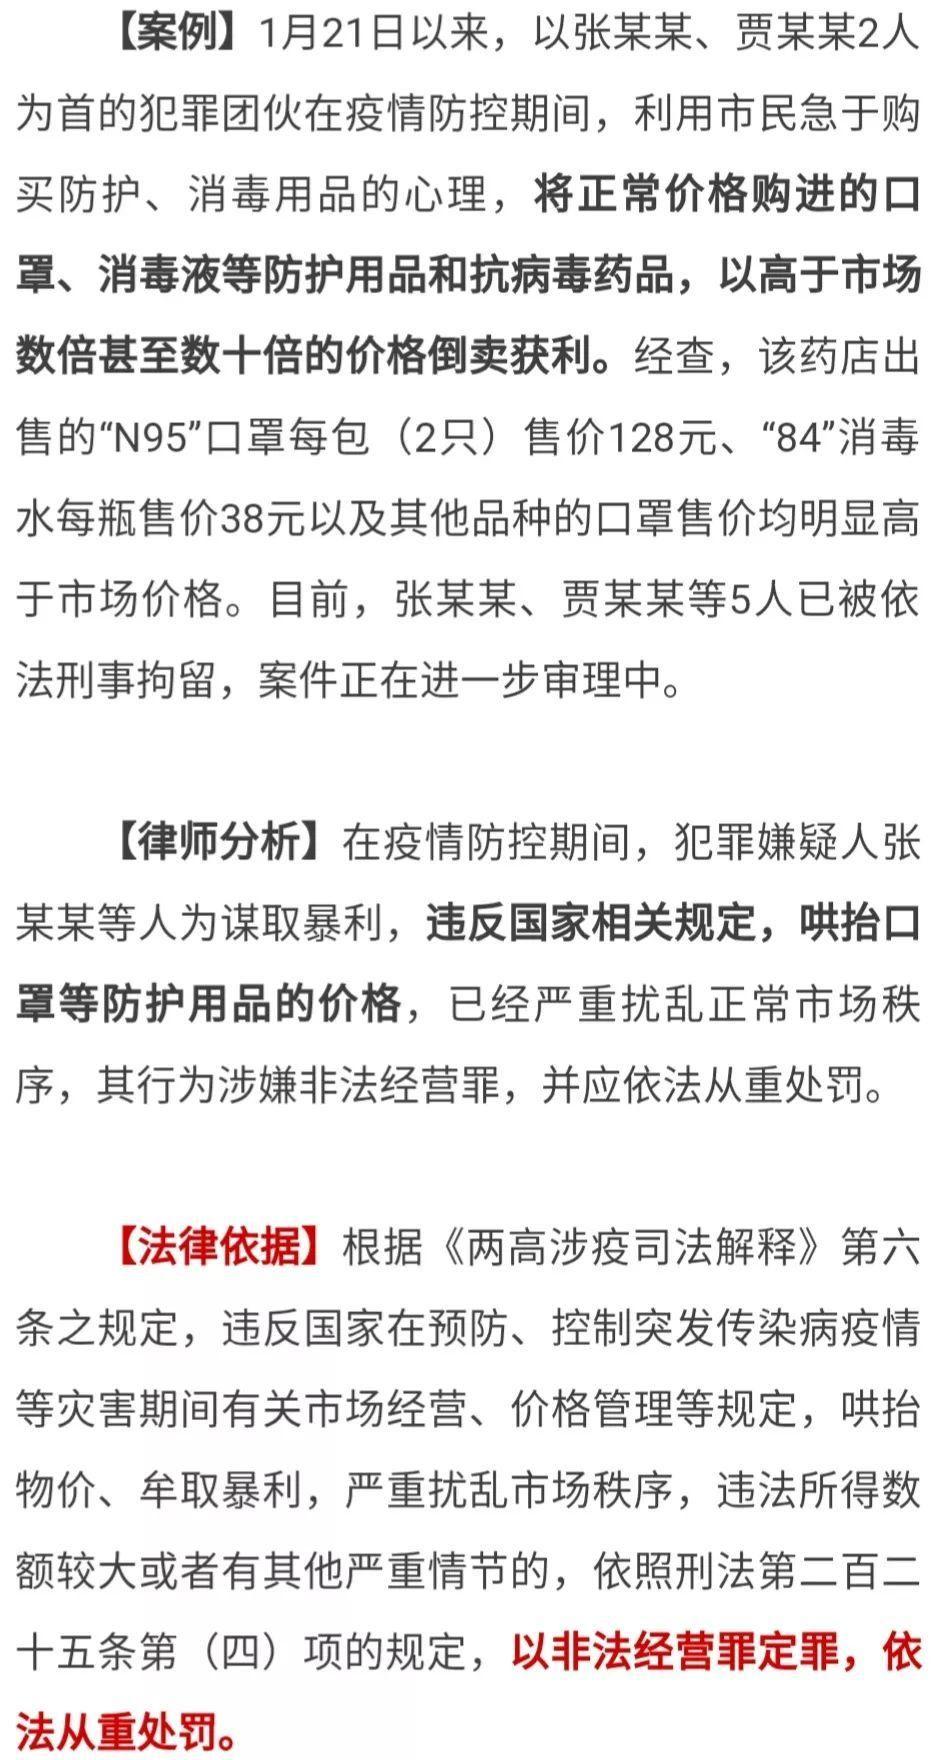 公安紧急提醒:微信卖口罩,你可能已涉嫌犯罪!多人被抓!